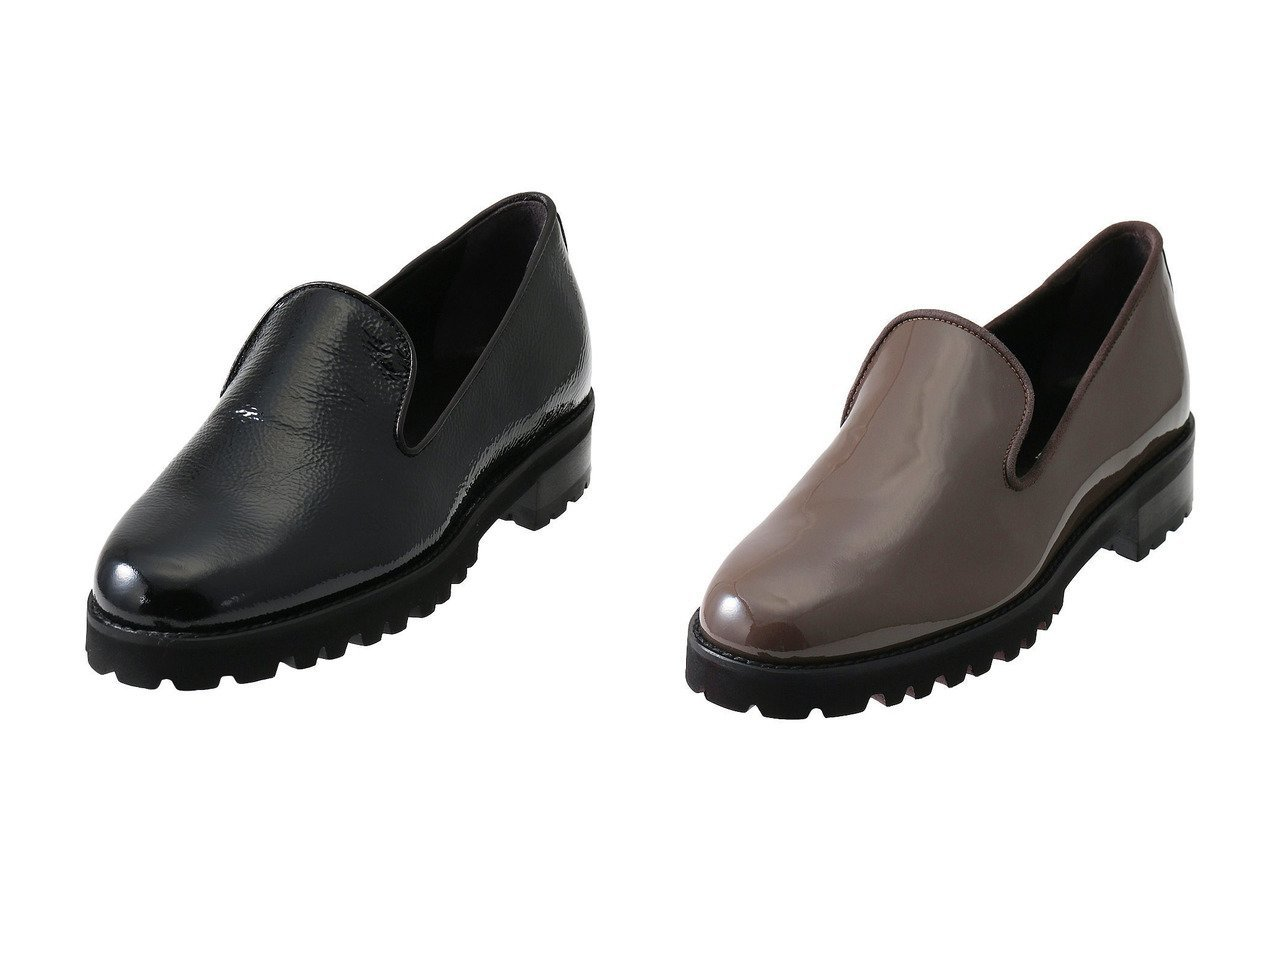 【PLAIN PEOPLE/プレインピープル】の【LUCA GROSSI】ローファー 【シューズ・靴】おすすめ!人気、トレンド・レディースファッションの通販 おすすめで人気の流行・トレンド、ファッションの通販商品 インテリア・家具・メンズファッション・キッズファッション・レディースファッション・服の通販 founy(ファニー) https://founy.com/ ファッション Fashion レディースファッション WOMEN 2020年 2020 2020-2021秋冬・A/W AW・Autumn/Winter・FW・Fall-Winter/2020-2021 2021年 2021 2021-2022秋冬・A/W AW・Autumn/Winter・FW・Fall-Winter・2021-2022 A/W・秋冬 AW・Autumn/Winter・FW・Fall-Winter なめらか シューズ シンプル フラット  ID:crp329100000062637